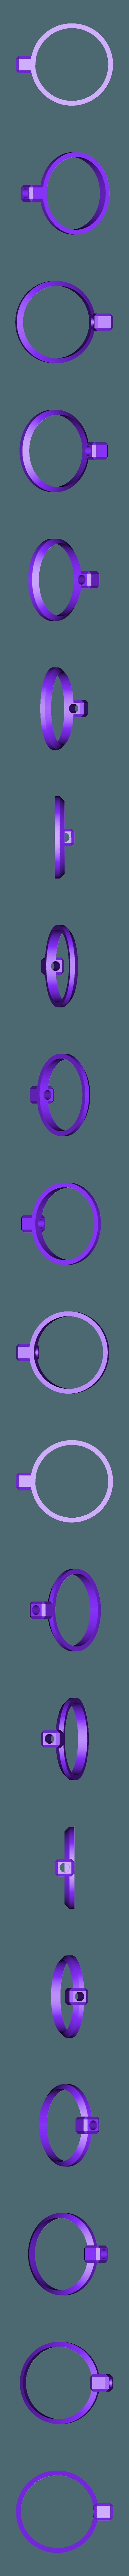 Retort_Ring_75mm.stl Télécharger fichier STL gratuit Kit de supports, de pinces et d'équipement • Modèle pour impression 3D, TinkersProjects